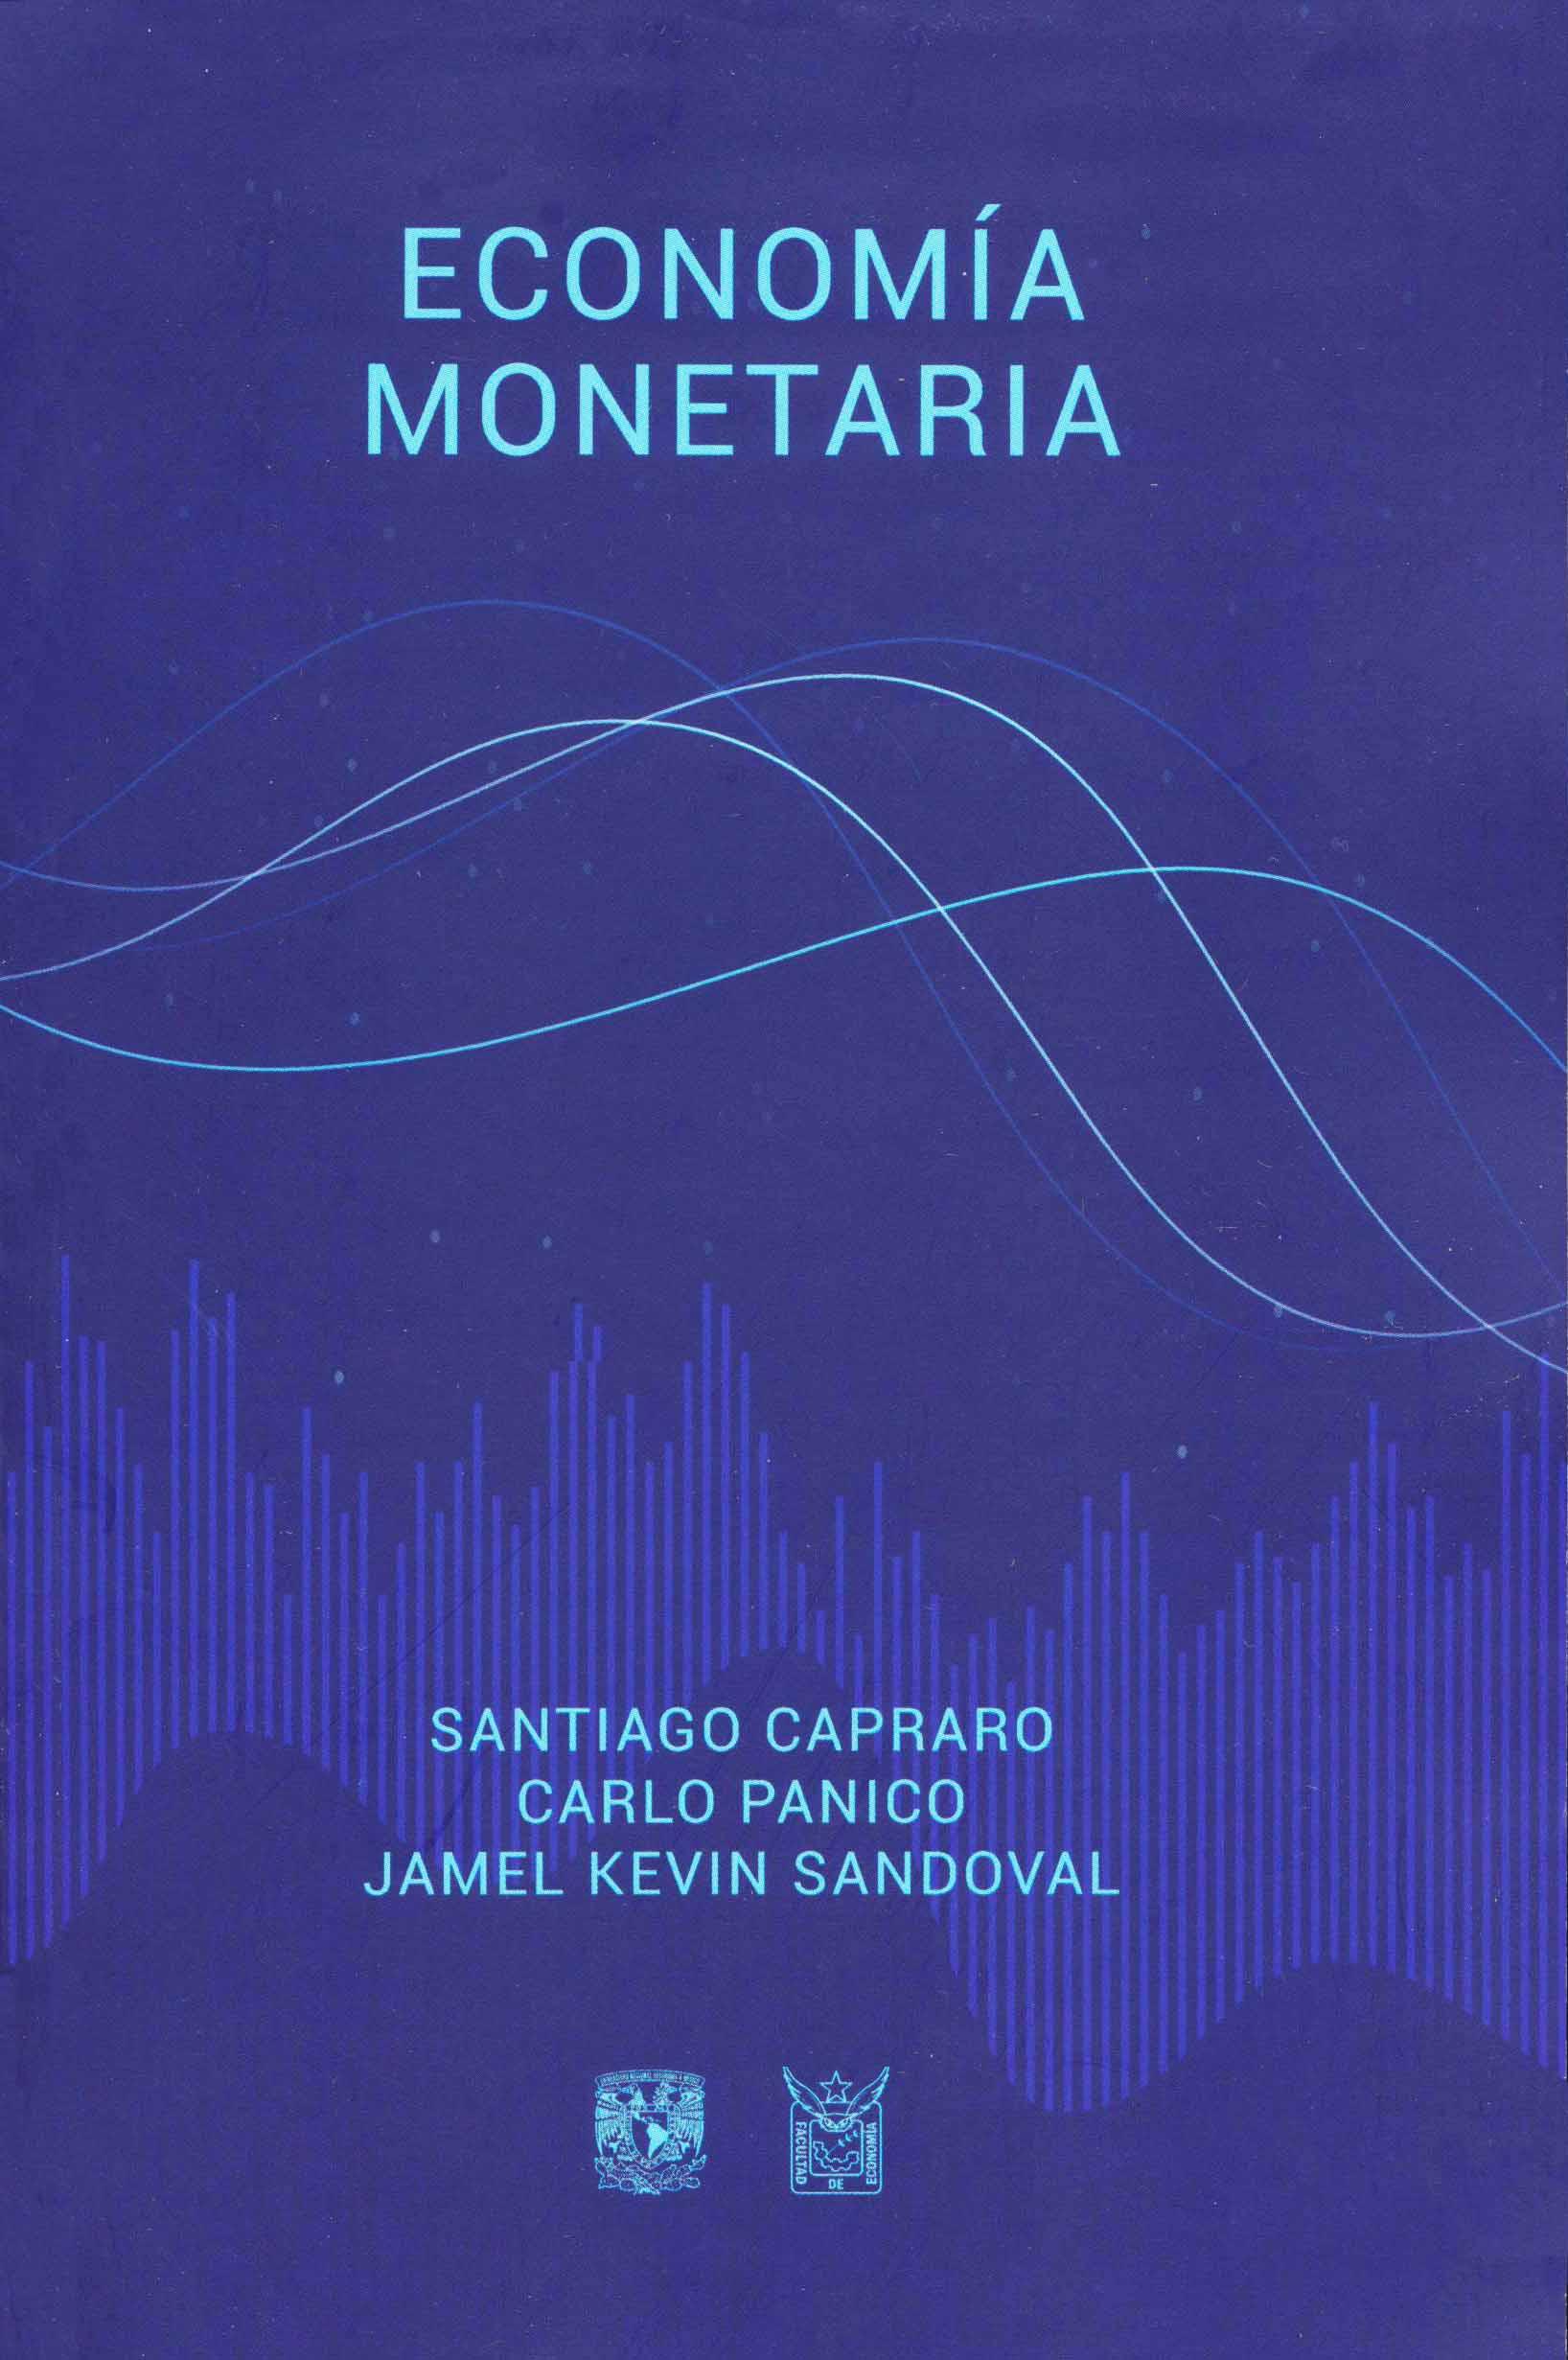 Economía monetaria